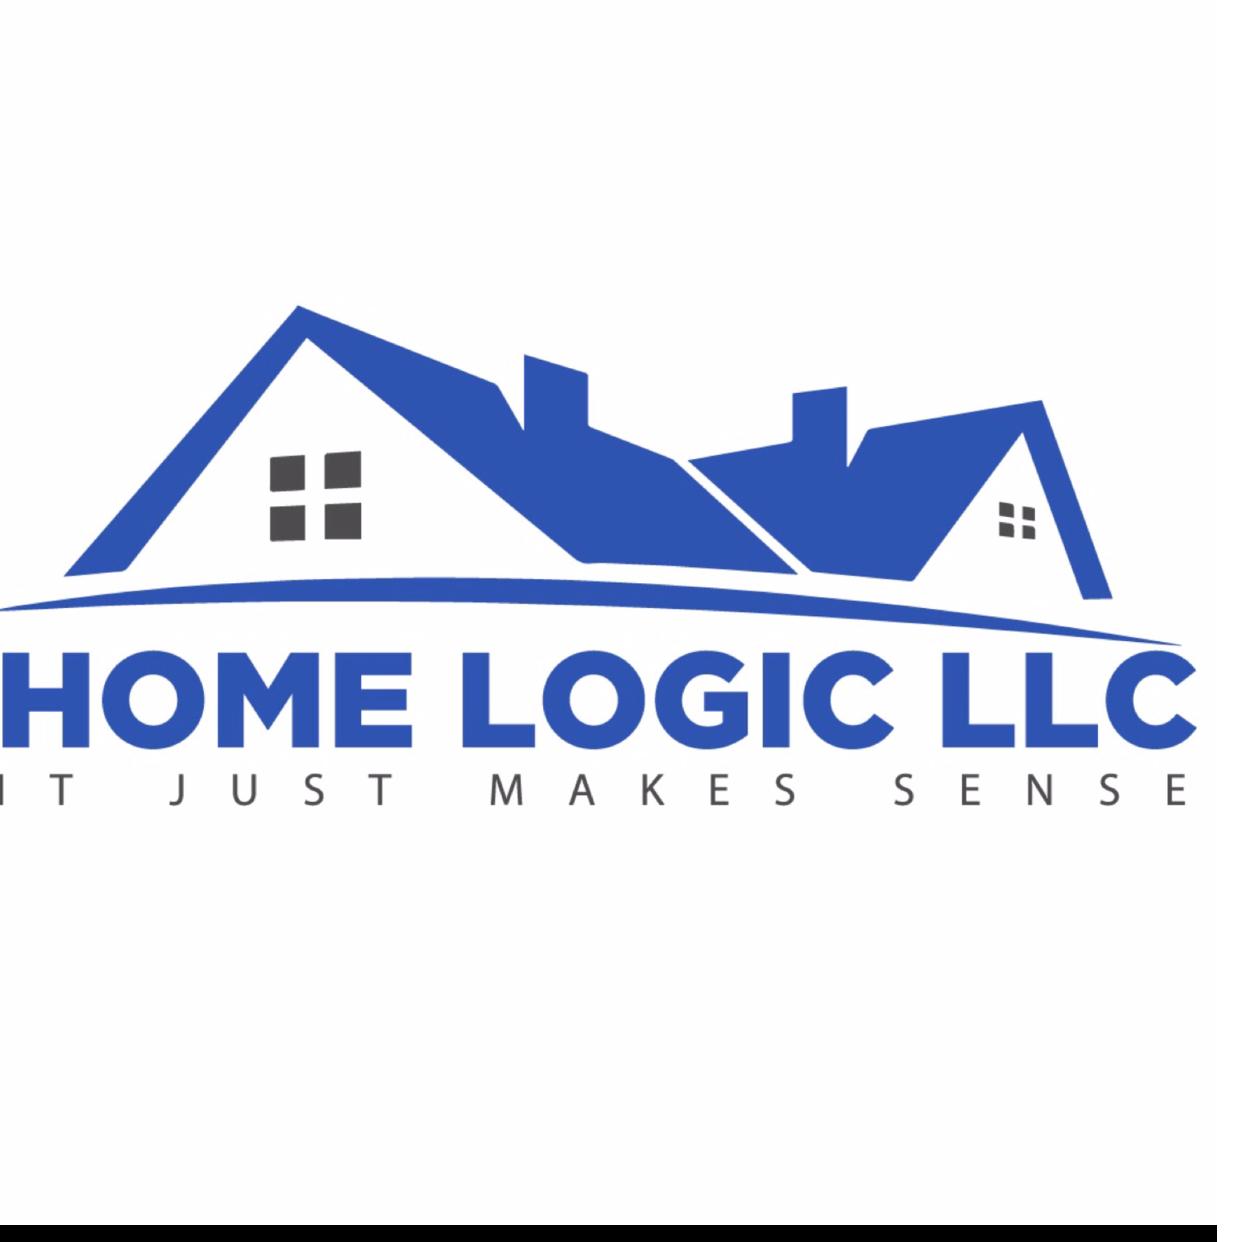 Home Logic LLC